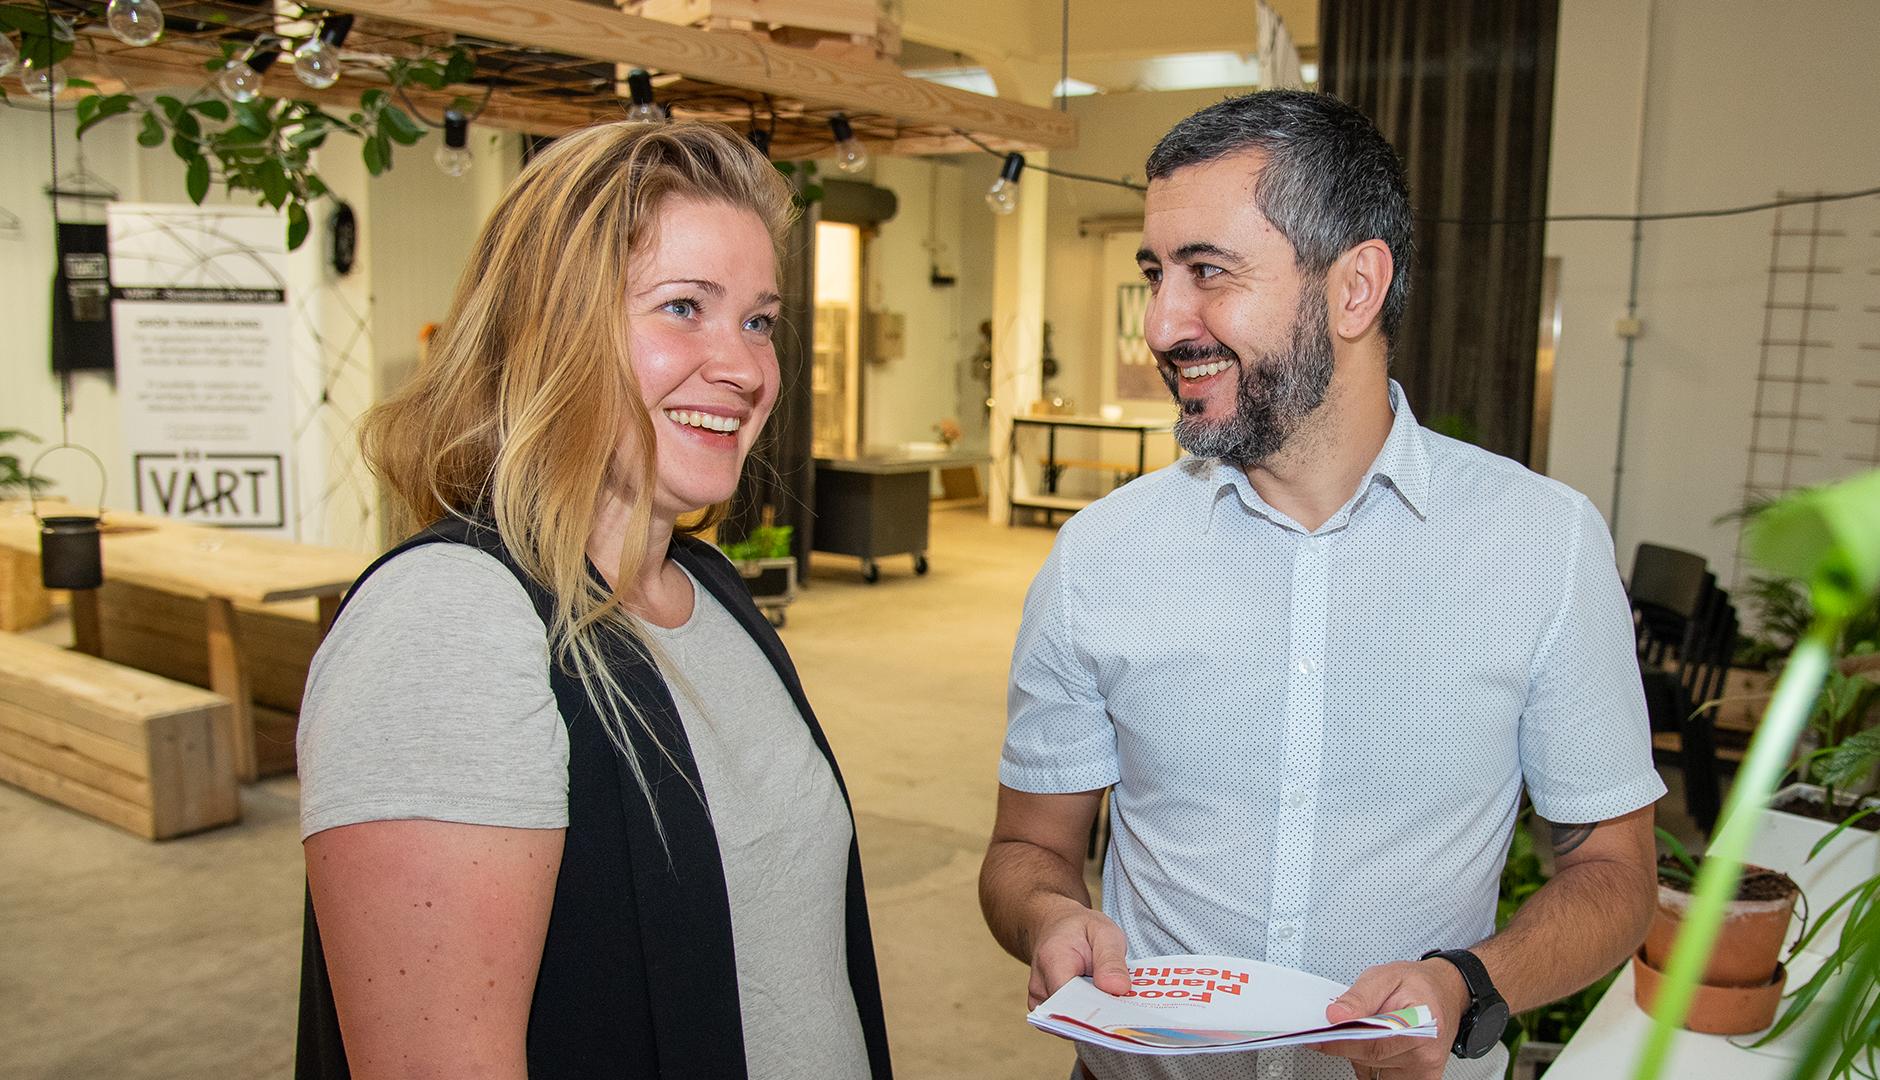 Corina Akner är produktdesigner och har startat VÄRT Sustainable Food Lab, som bland annat hjälper kunder att ställa om till hållbara verksamheter.